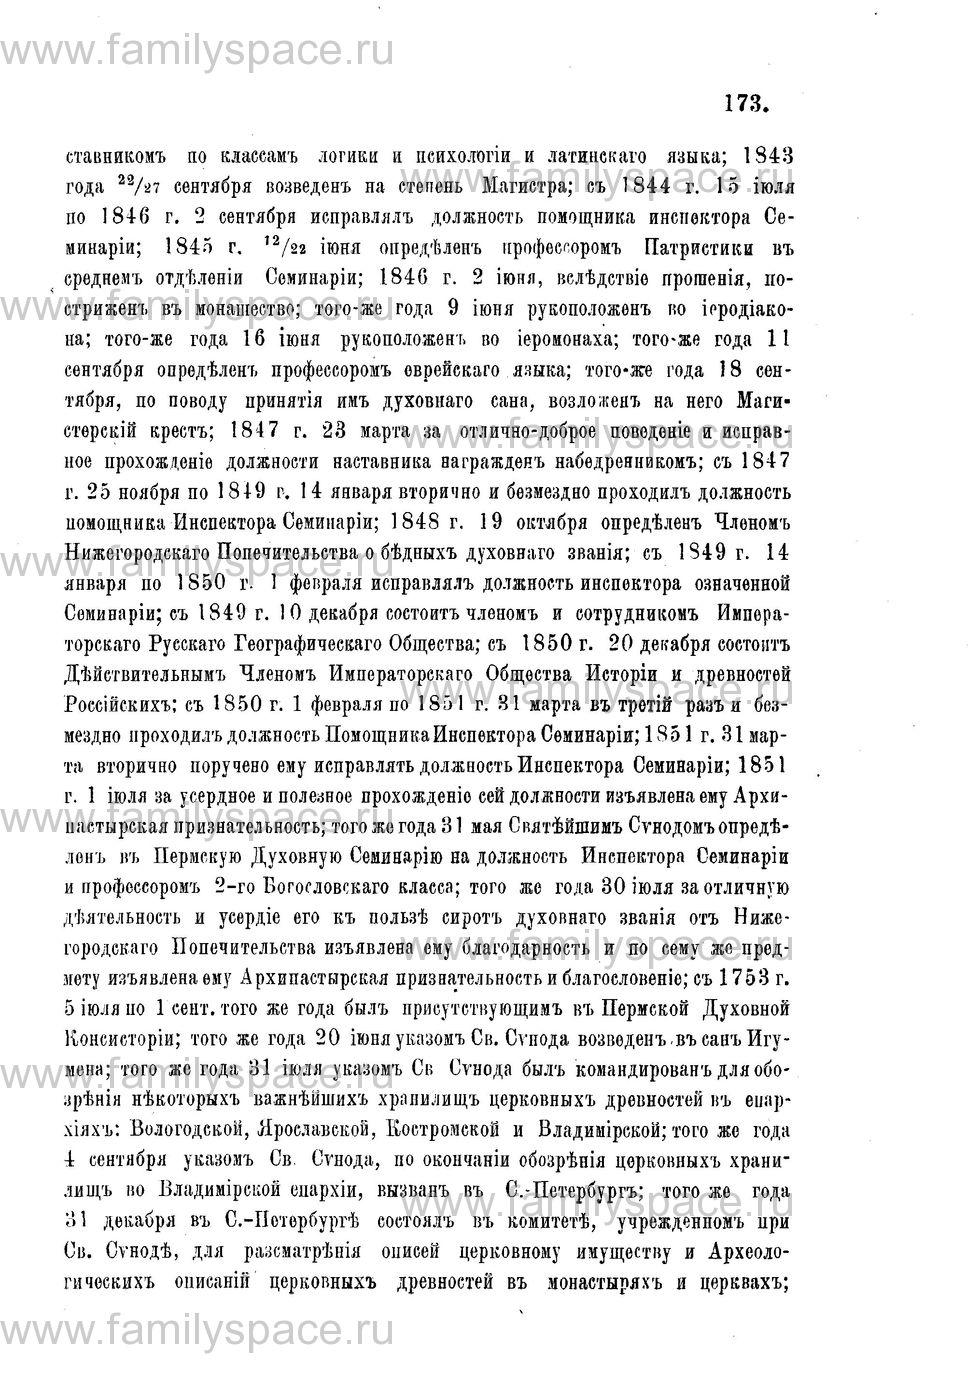 Поиск по фамилии - Адрес-календарь Нижегородской епархии на 1888 год, страница 1173